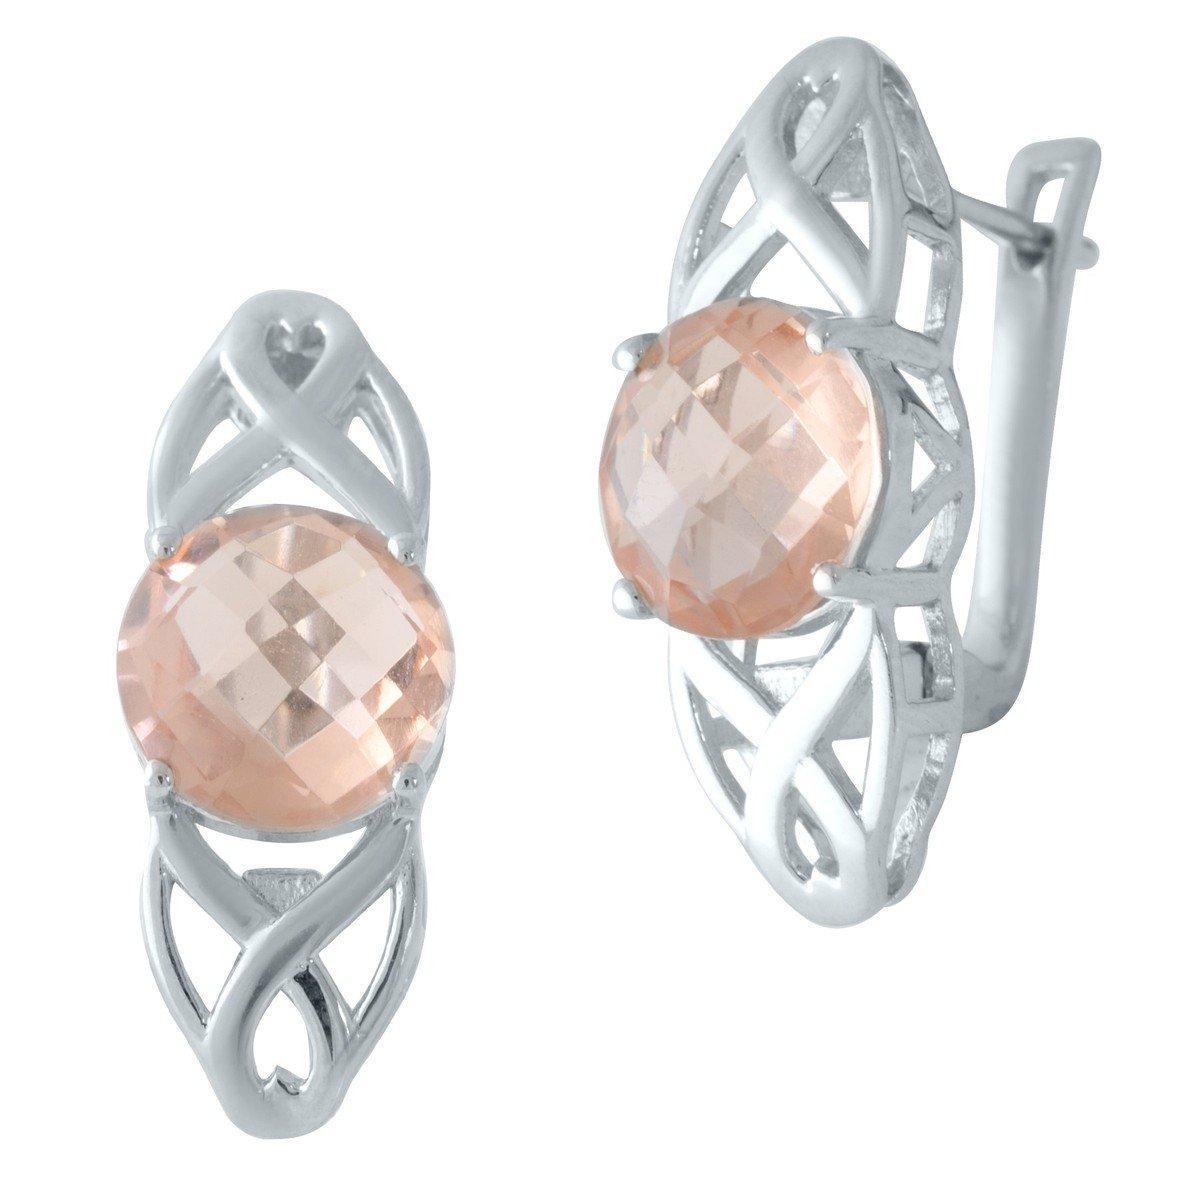 Срібні сережки DreamJewelry з морганитом nano (2003540)